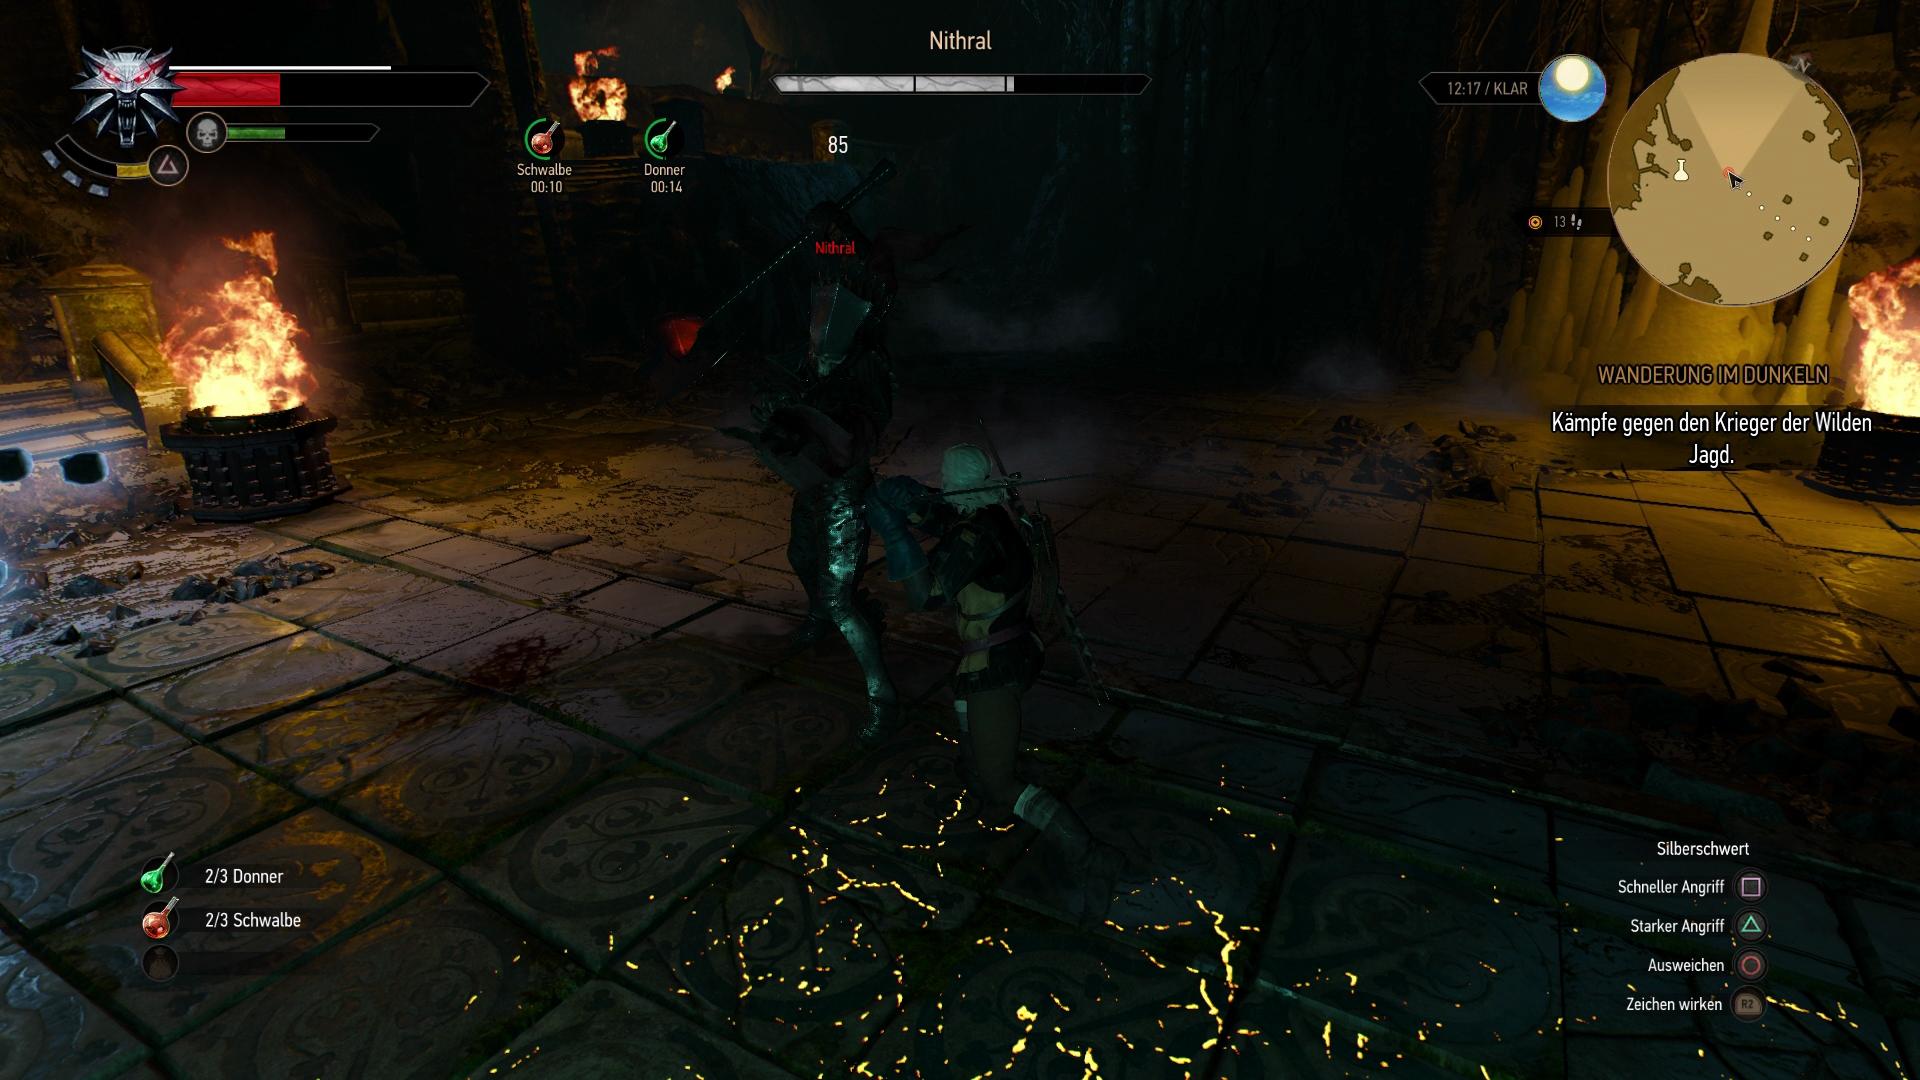 The witcher 3 wanderung im dunkeln